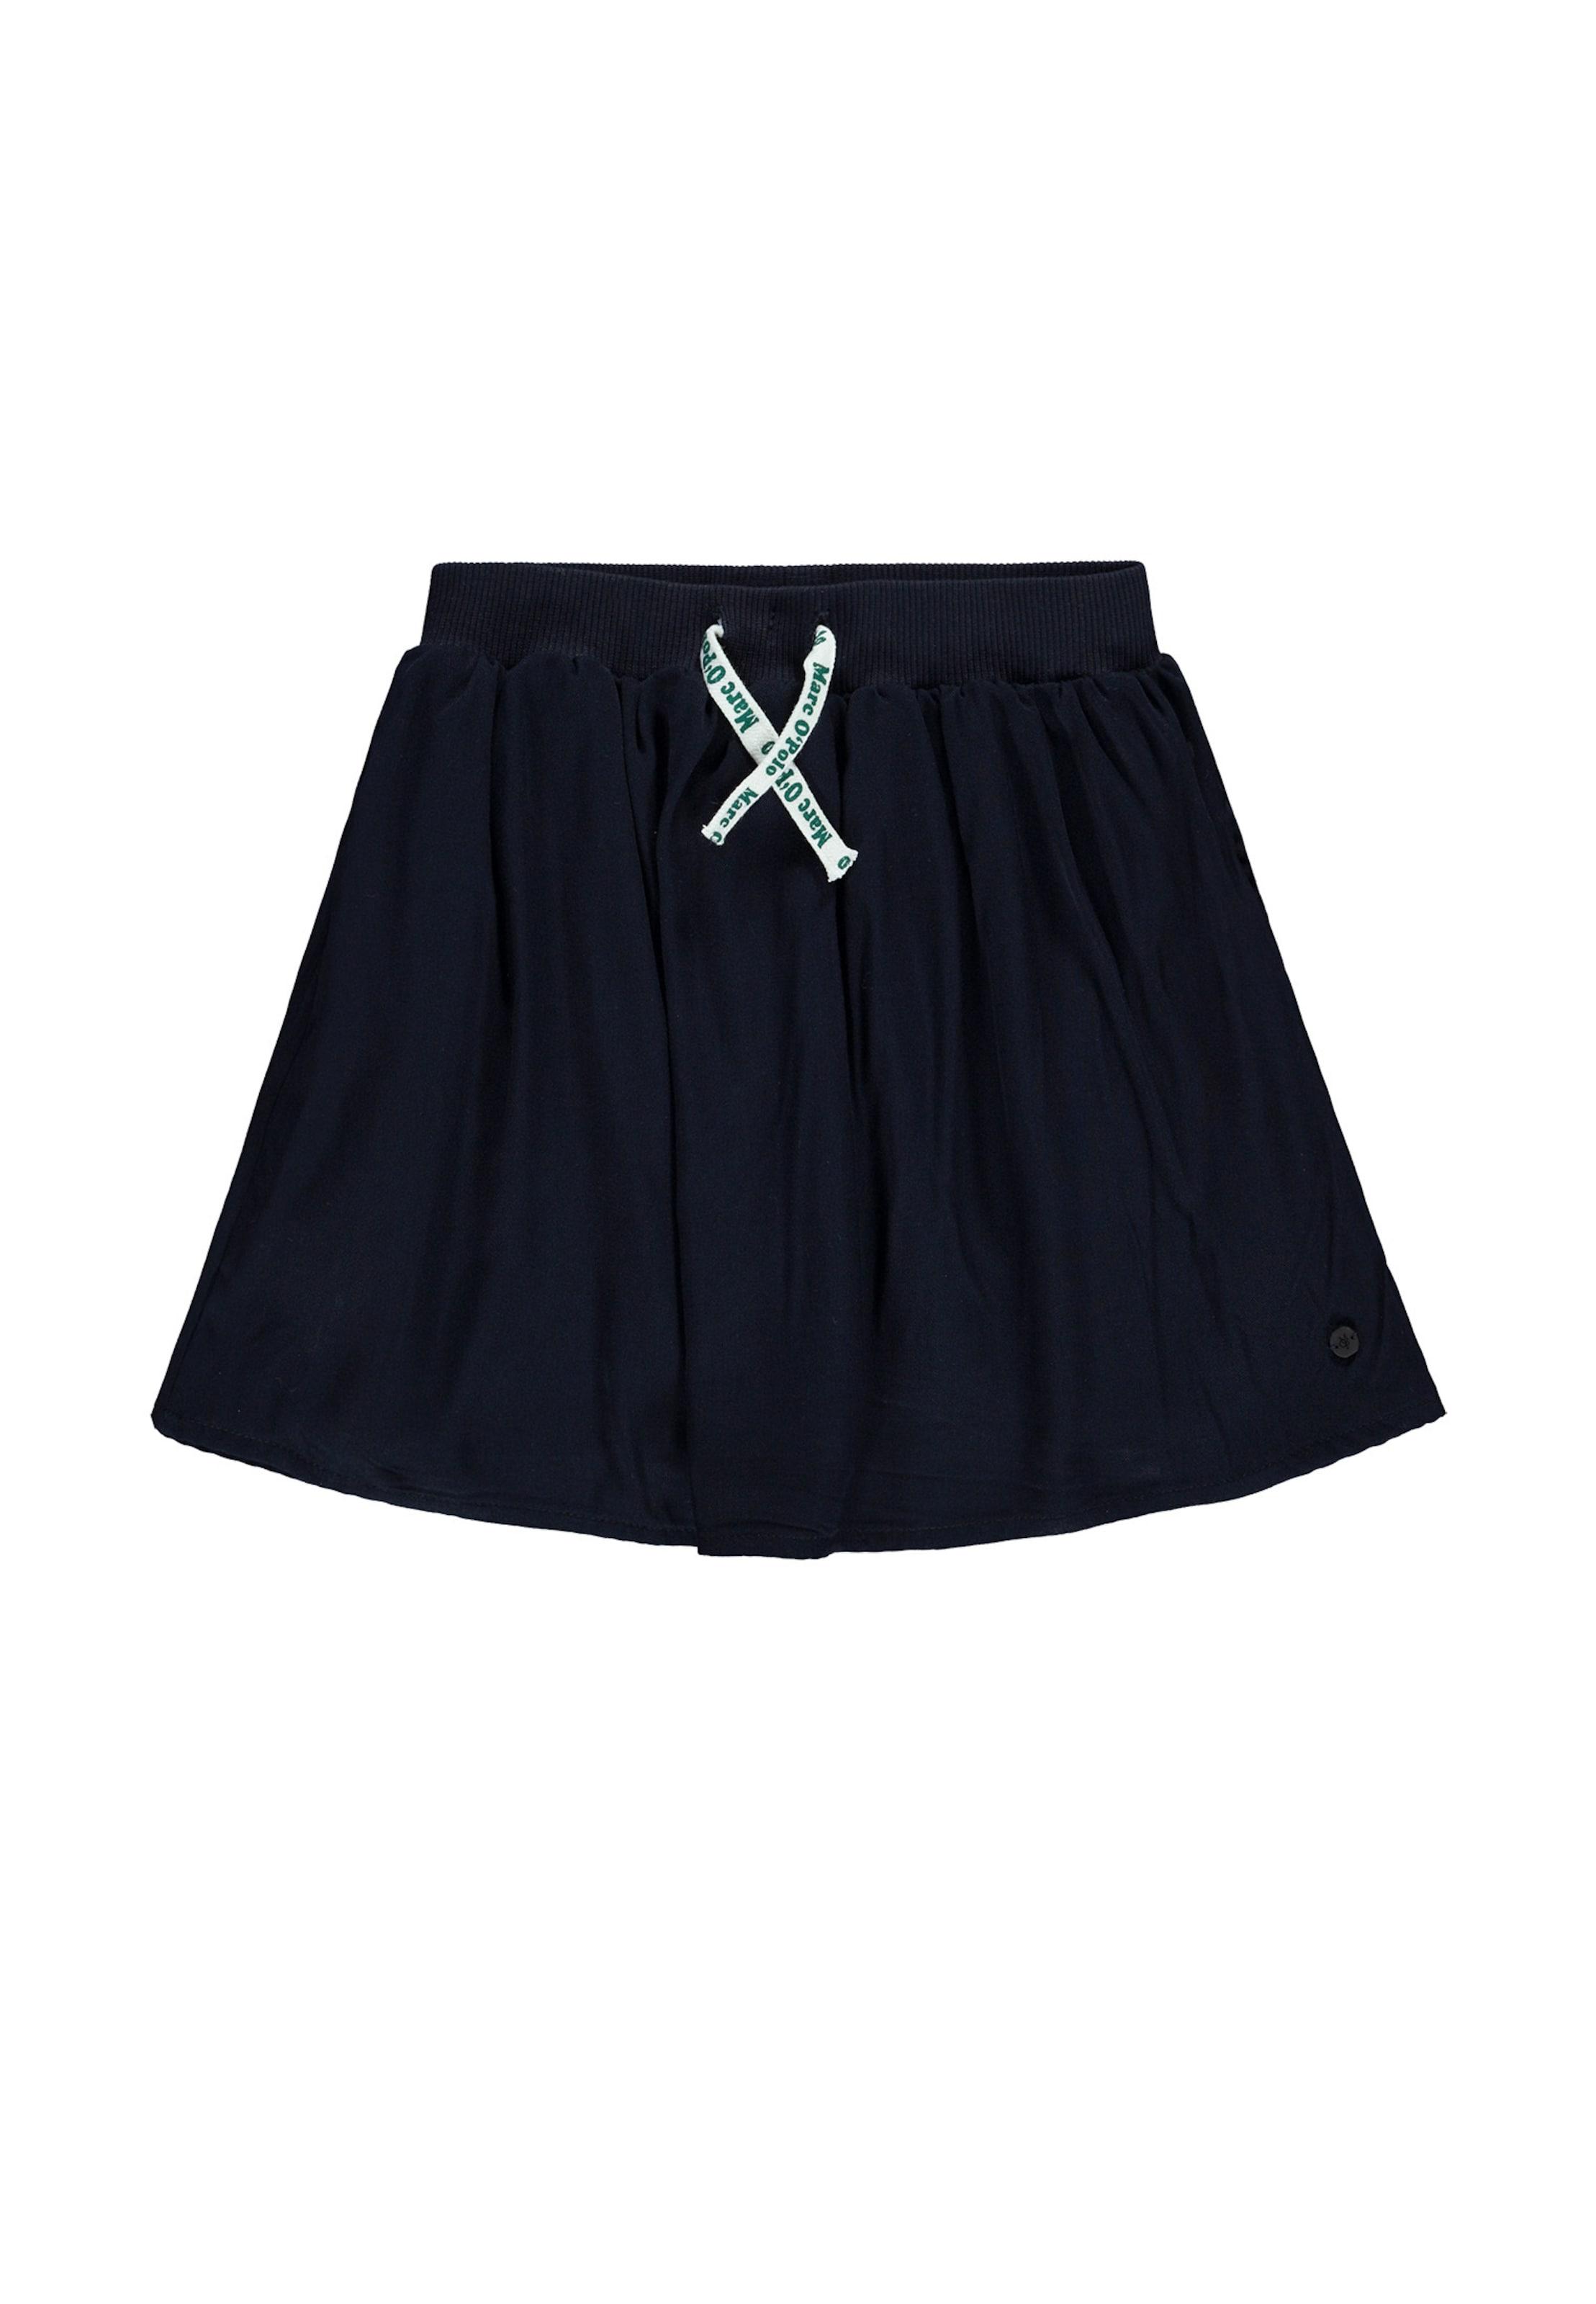 Kinder,  Mädchen,  Kinder Marc O'Polo Junior Rock blau, rot | 04062252048892